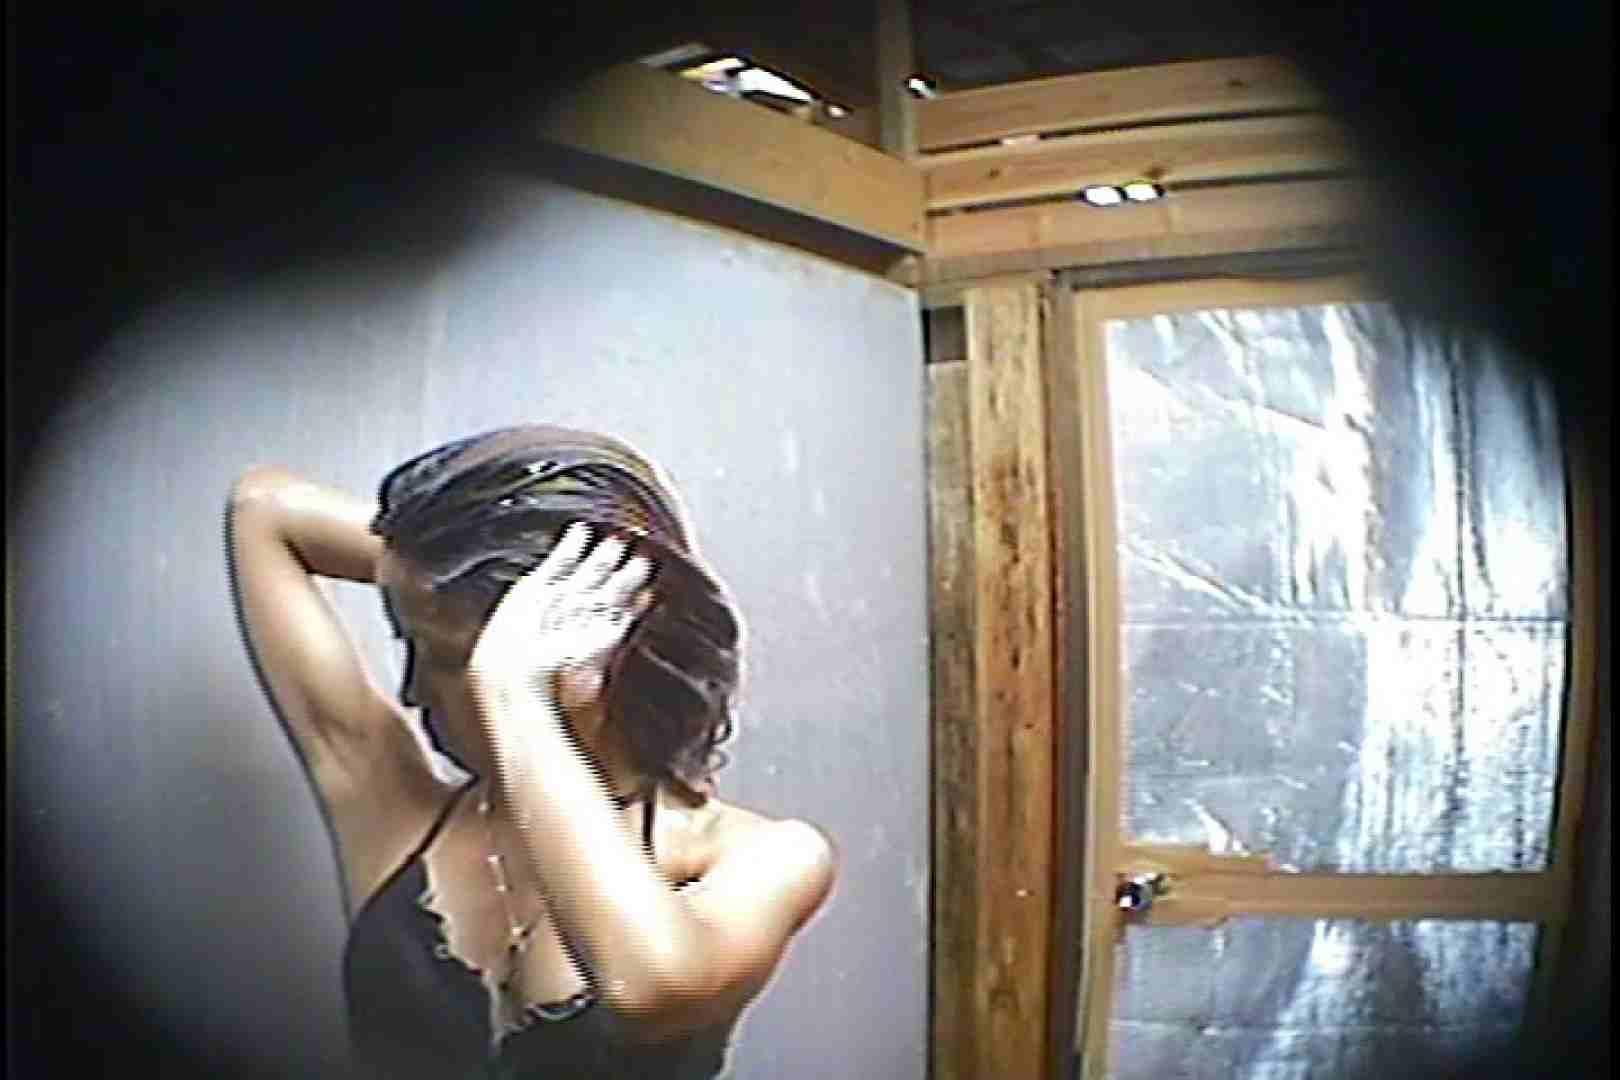 海の家の更衣室 Vol.45 美肌 AV動画キャプチャ 76枚 27